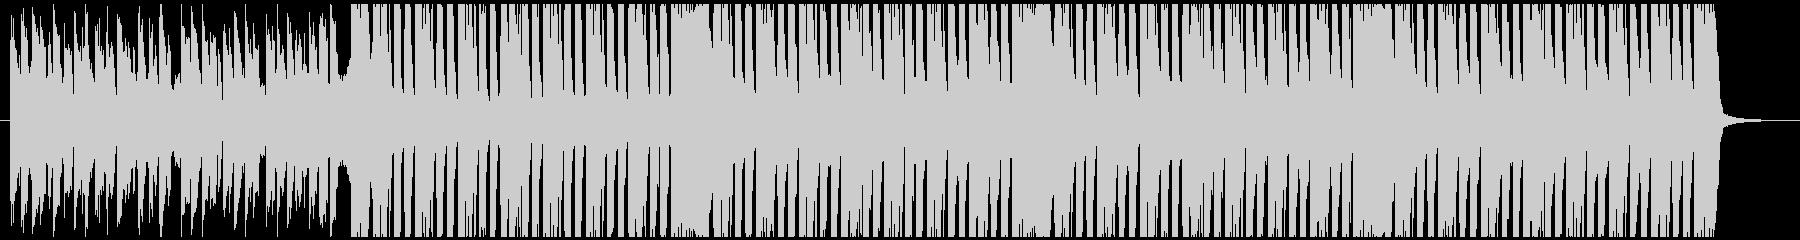 アラビアンなエレクトロミュージックの未再生の波形